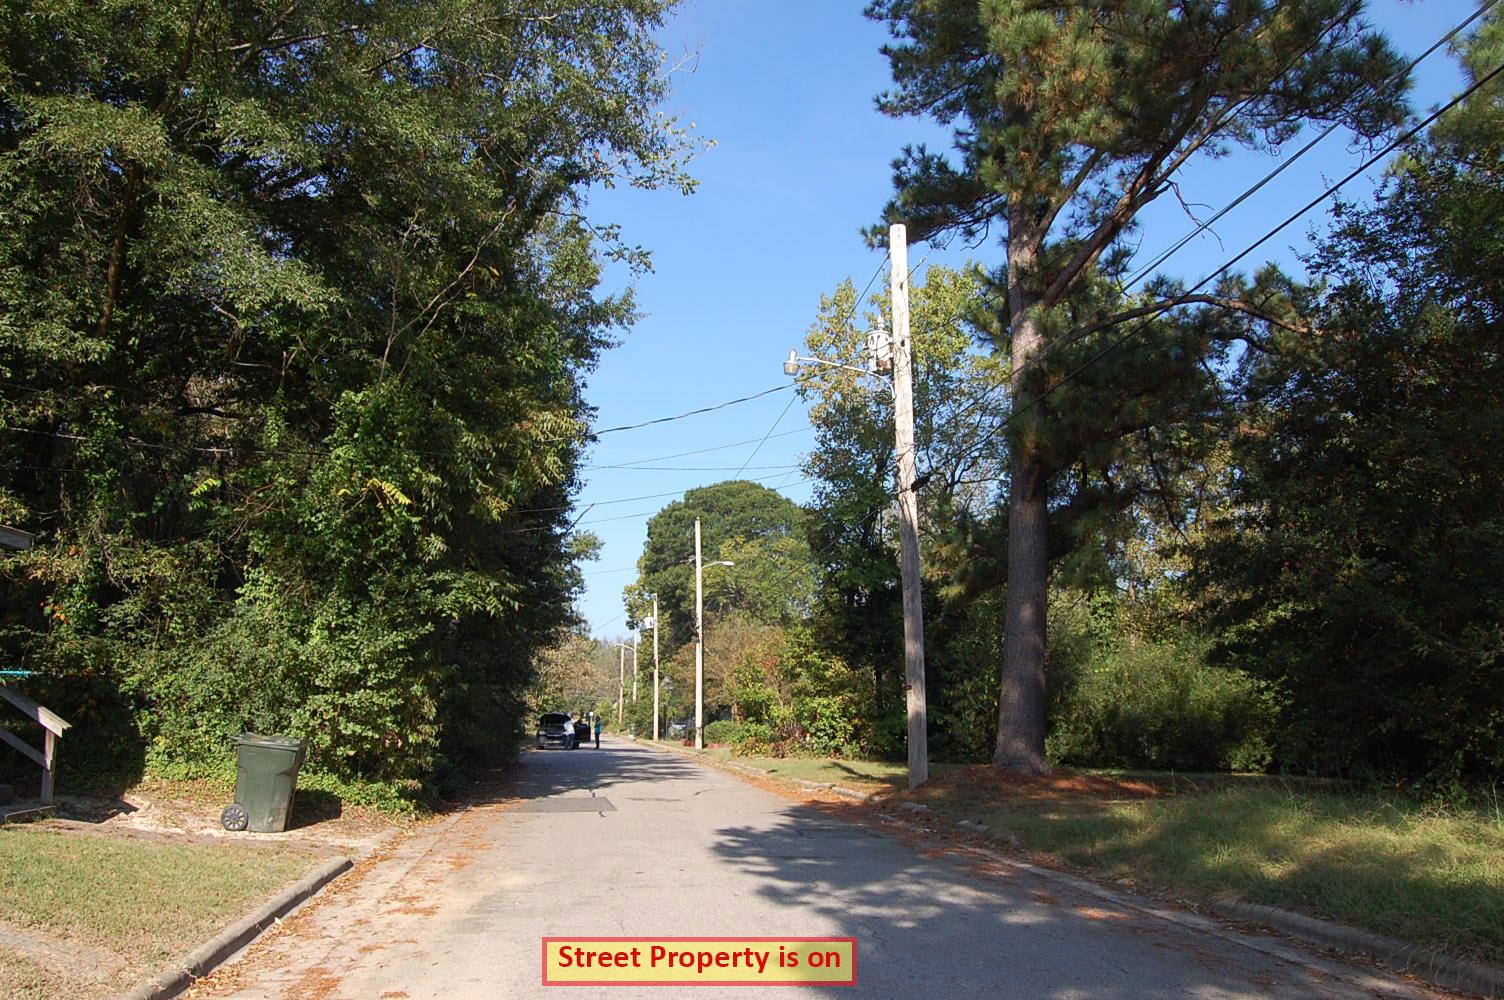 Green North Carolina Neighborhood Getaway - Image 4